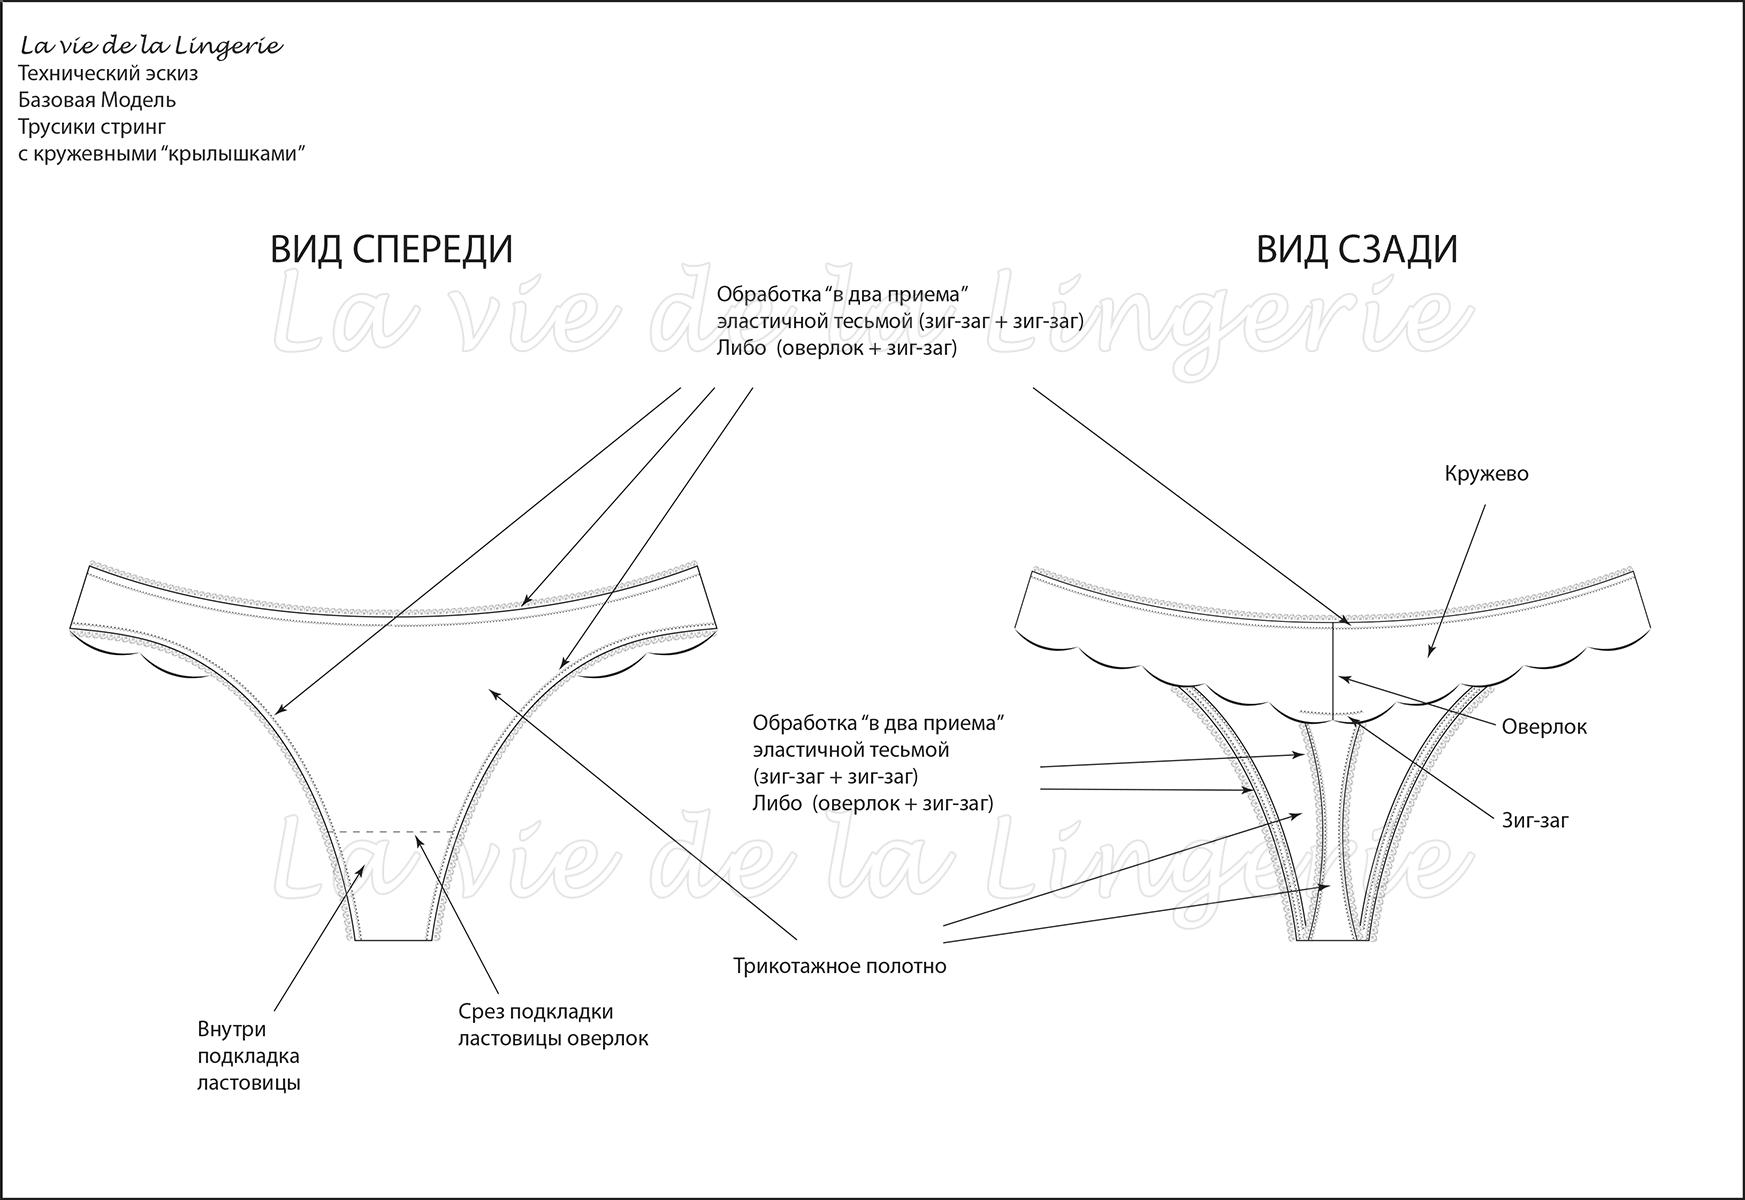 """Техническое описание модели """"Трусики Стринг с кружевными «крылышками»"""""""